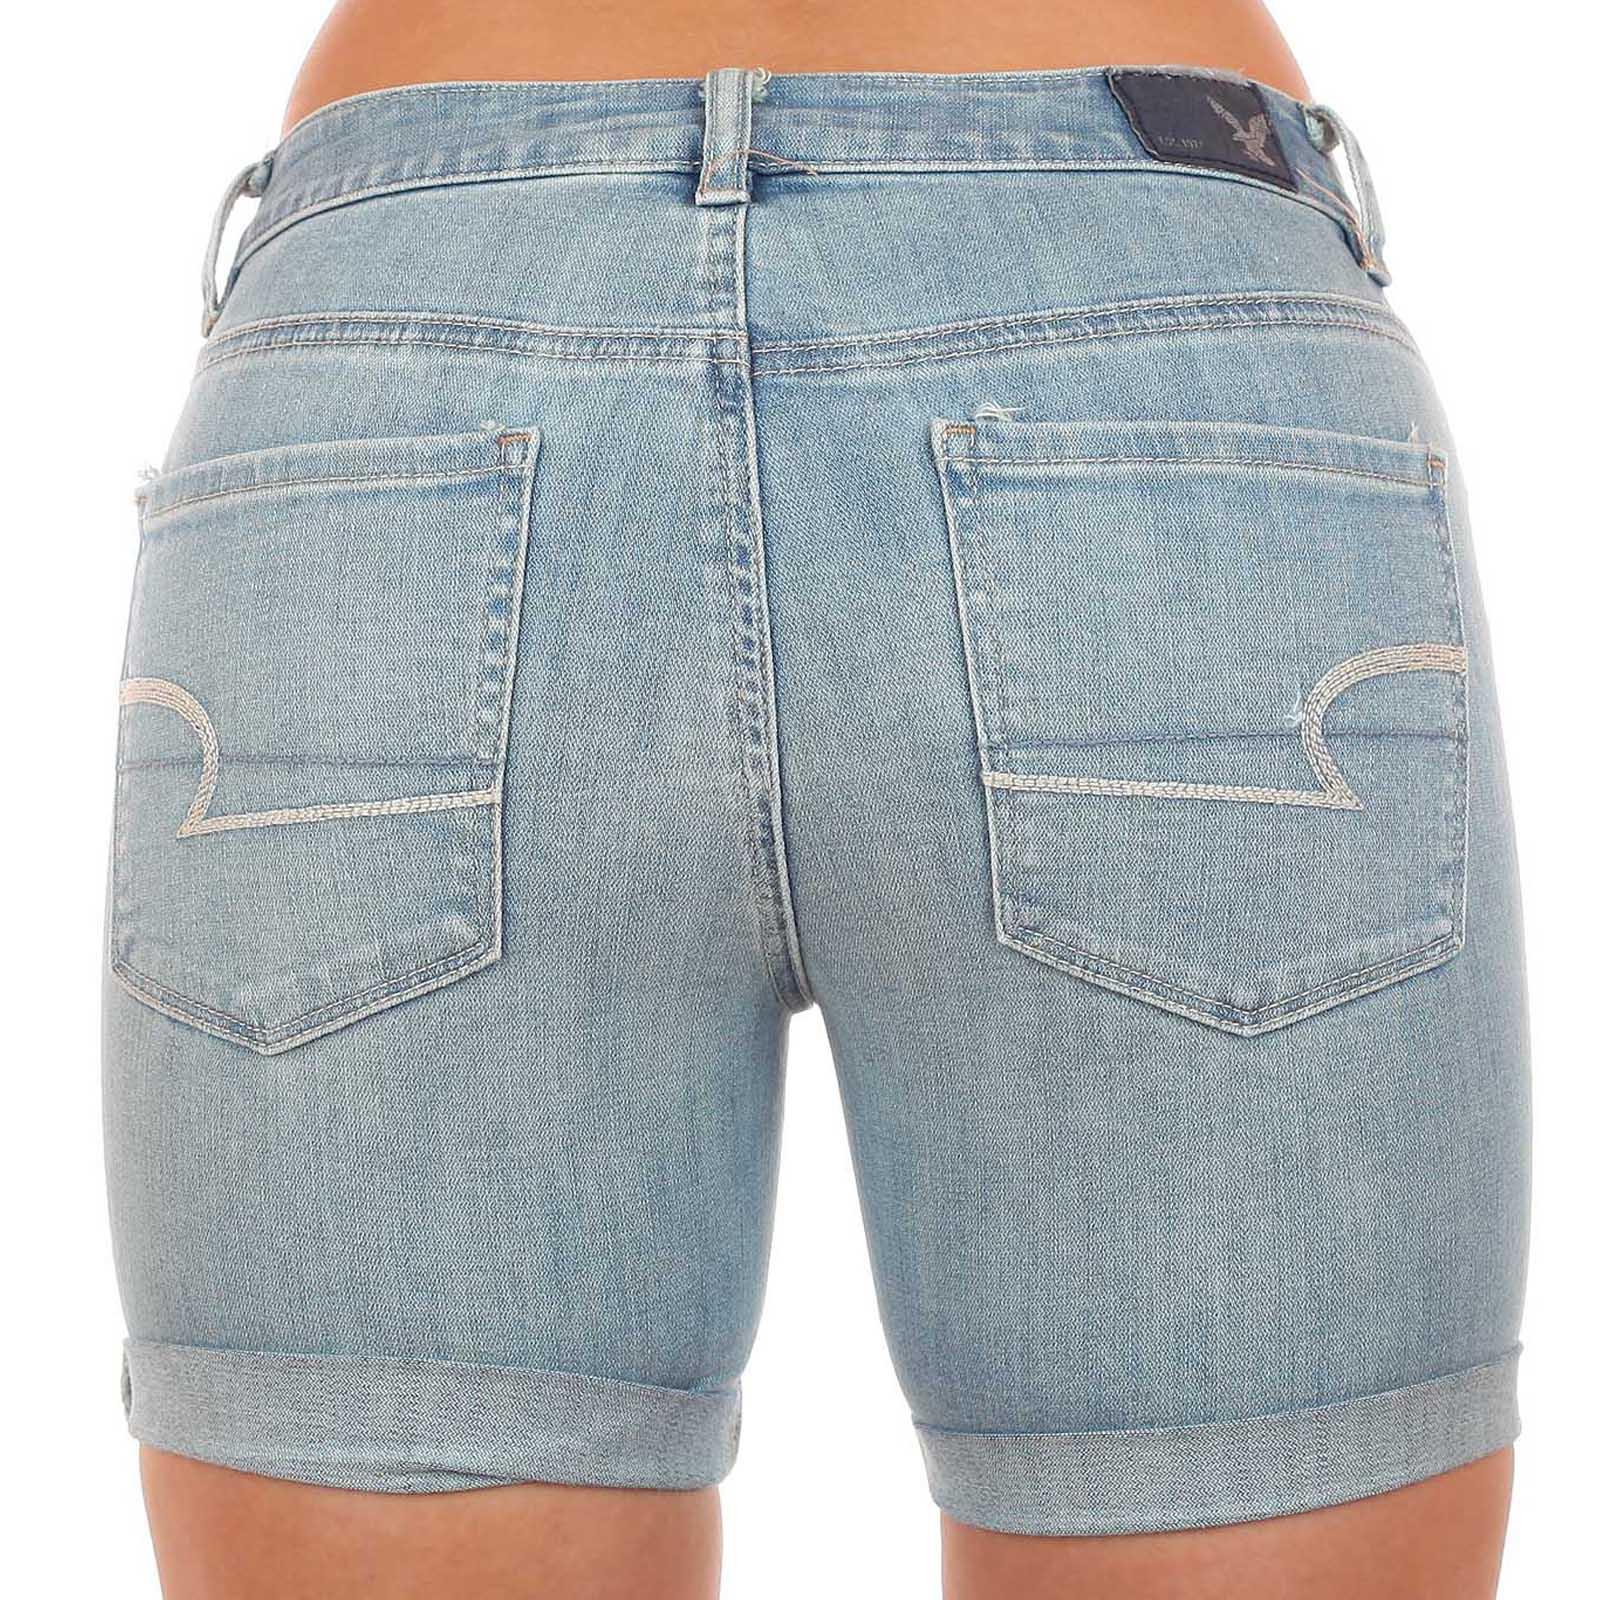 Нежно-голубые шорты American Eagle™ из люксовой джинсовой ткани. Хитрая длина сделает твои пропорции идеальными